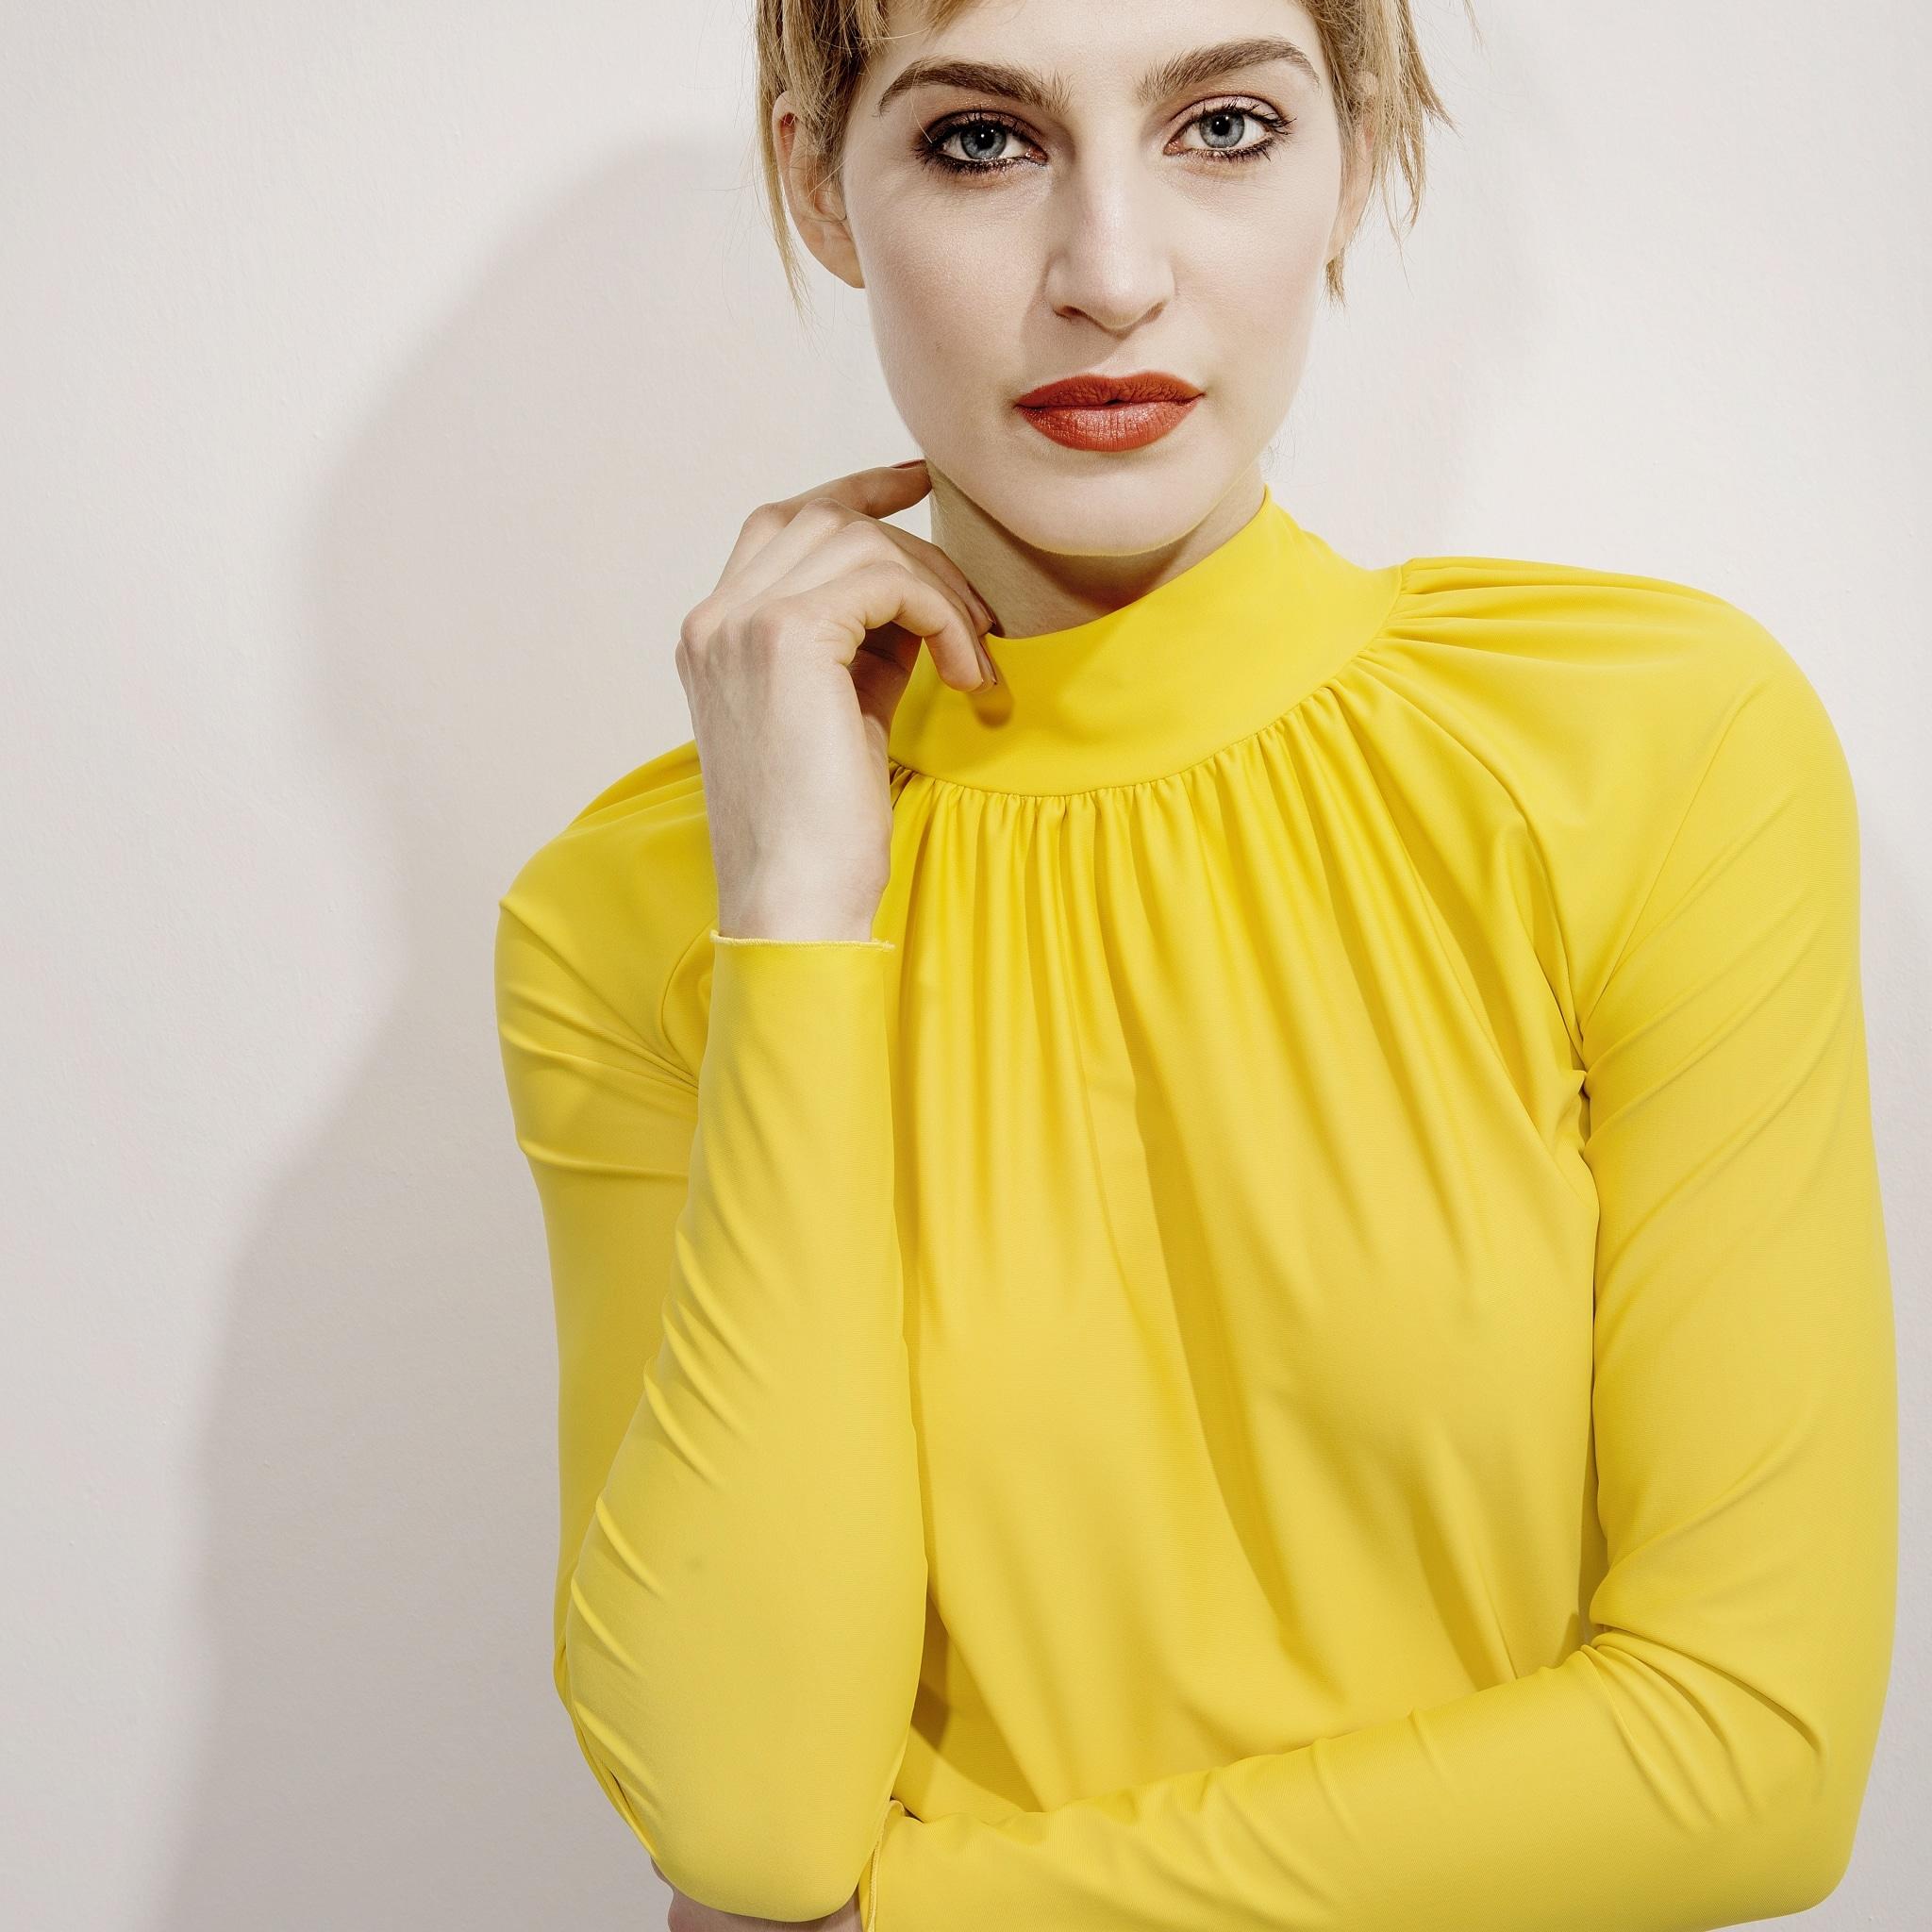 Q gelbe bluse